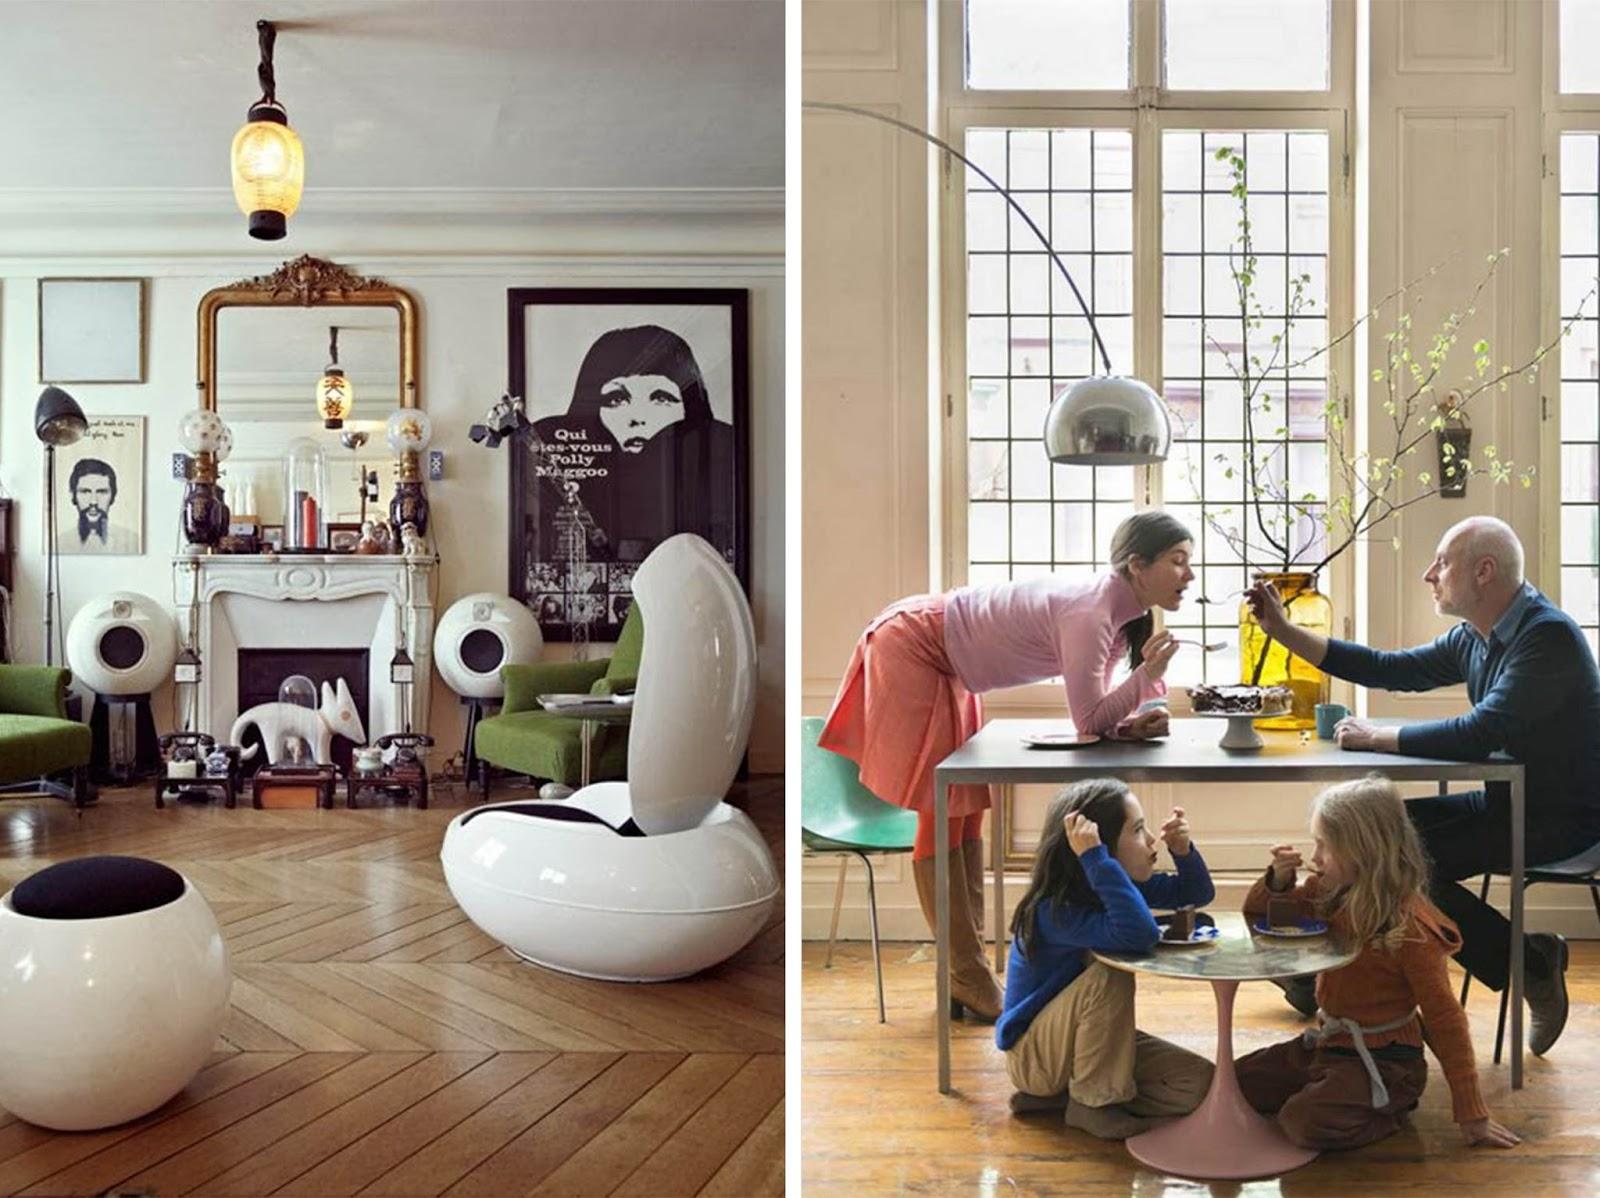 Riviste arredamento moderno proposta originale for Riviste design interni